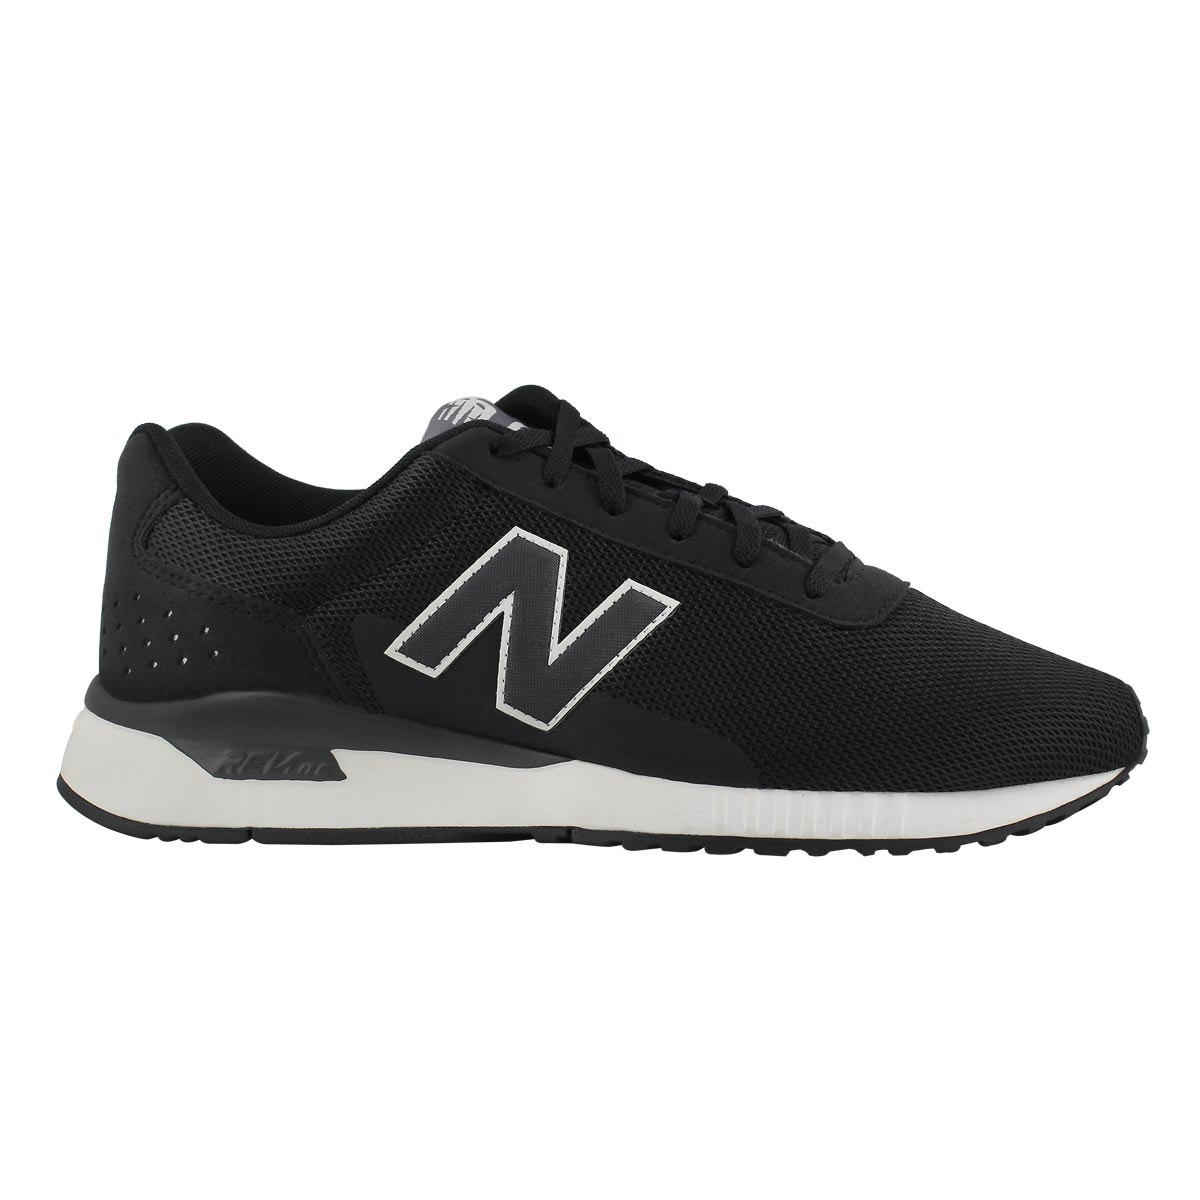 Mns 005 blk/wht lace up sneaker